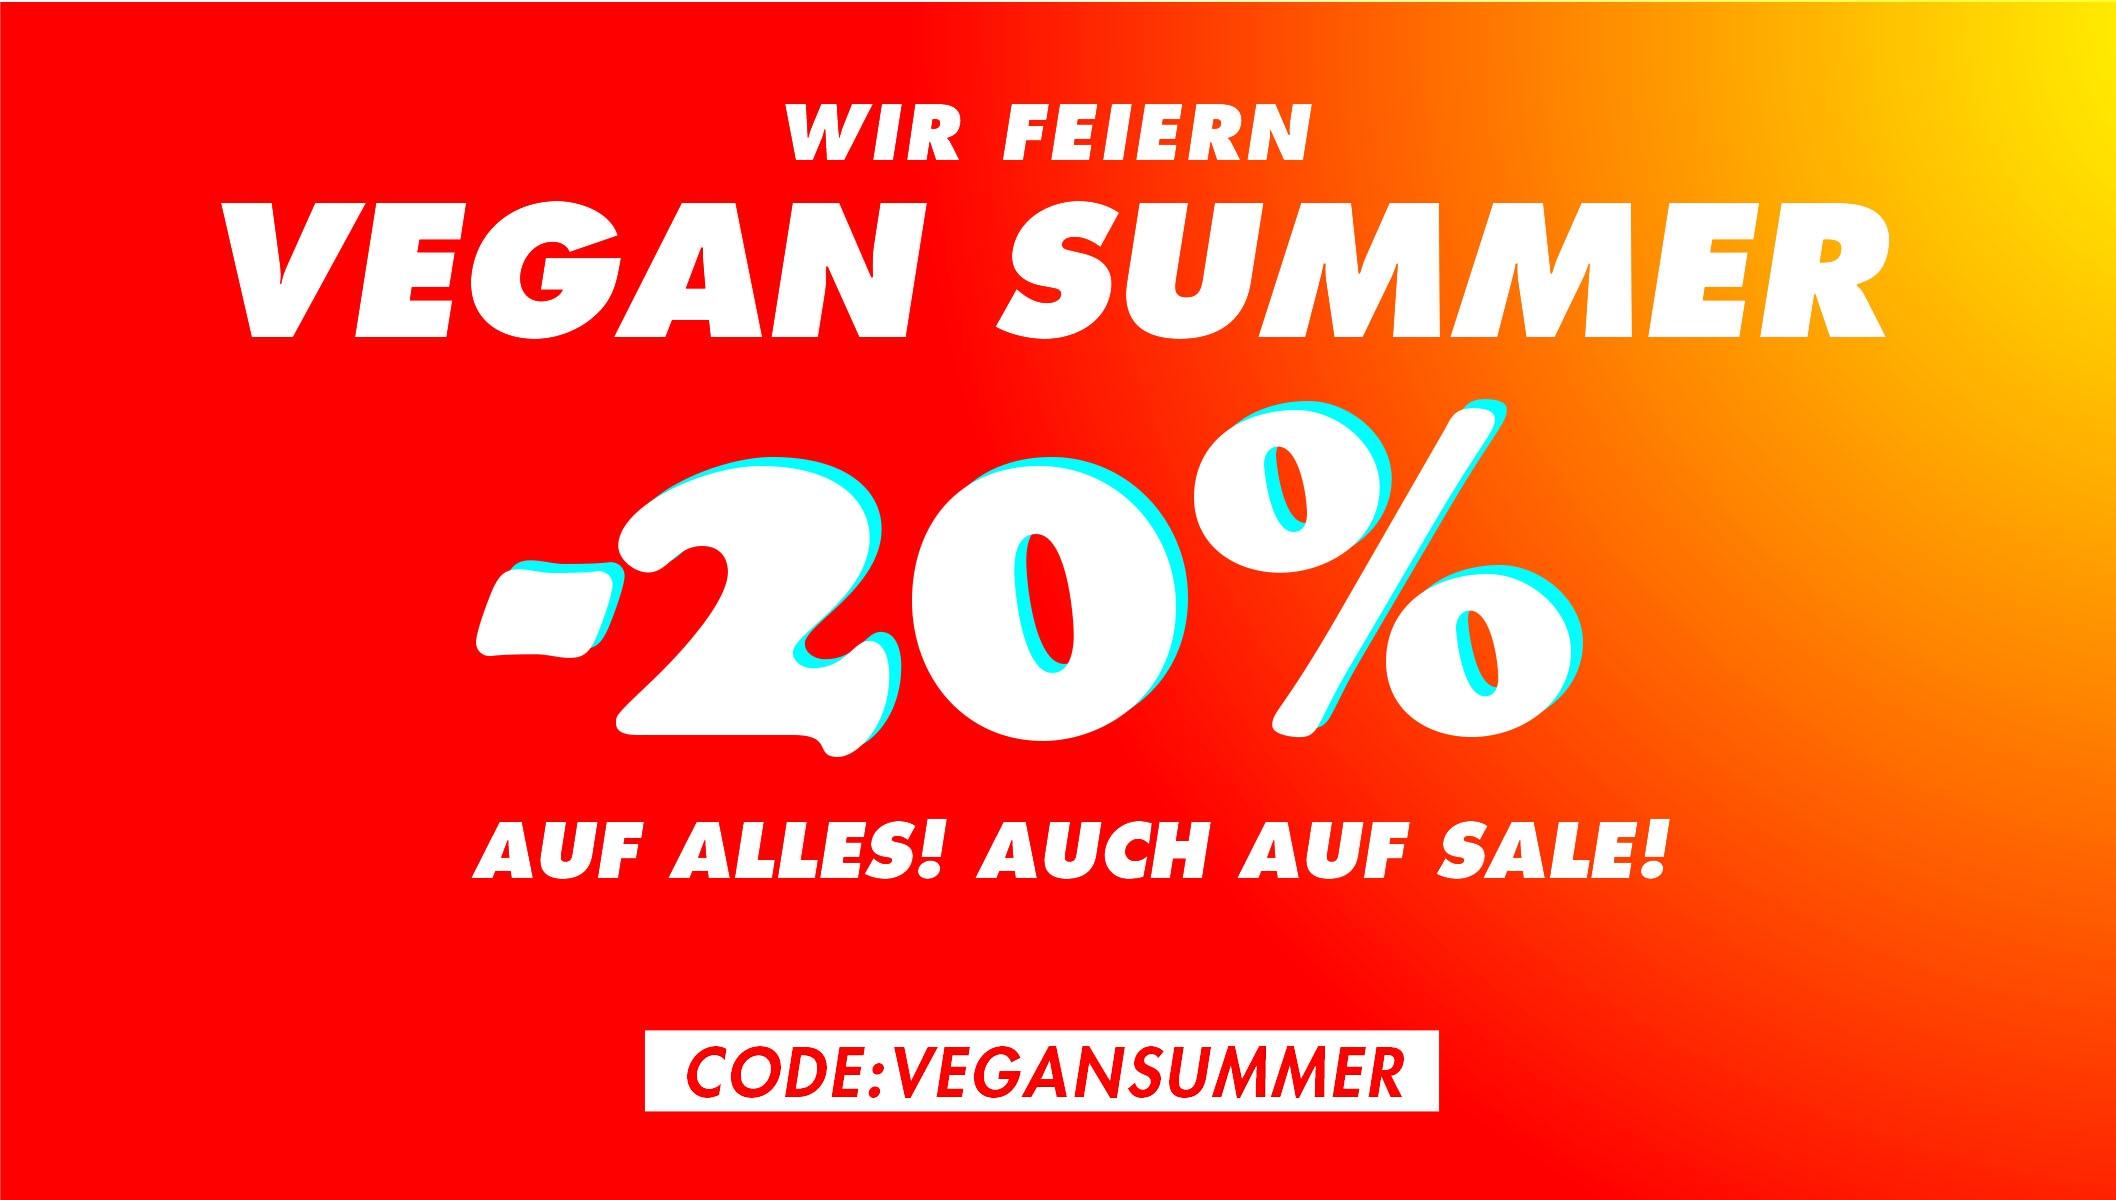 20 % RABATT – VEGAN SUMMER | Vegane Schuhe | Bis zu 70 % Rabatt auf Schuhe und Accessoires!